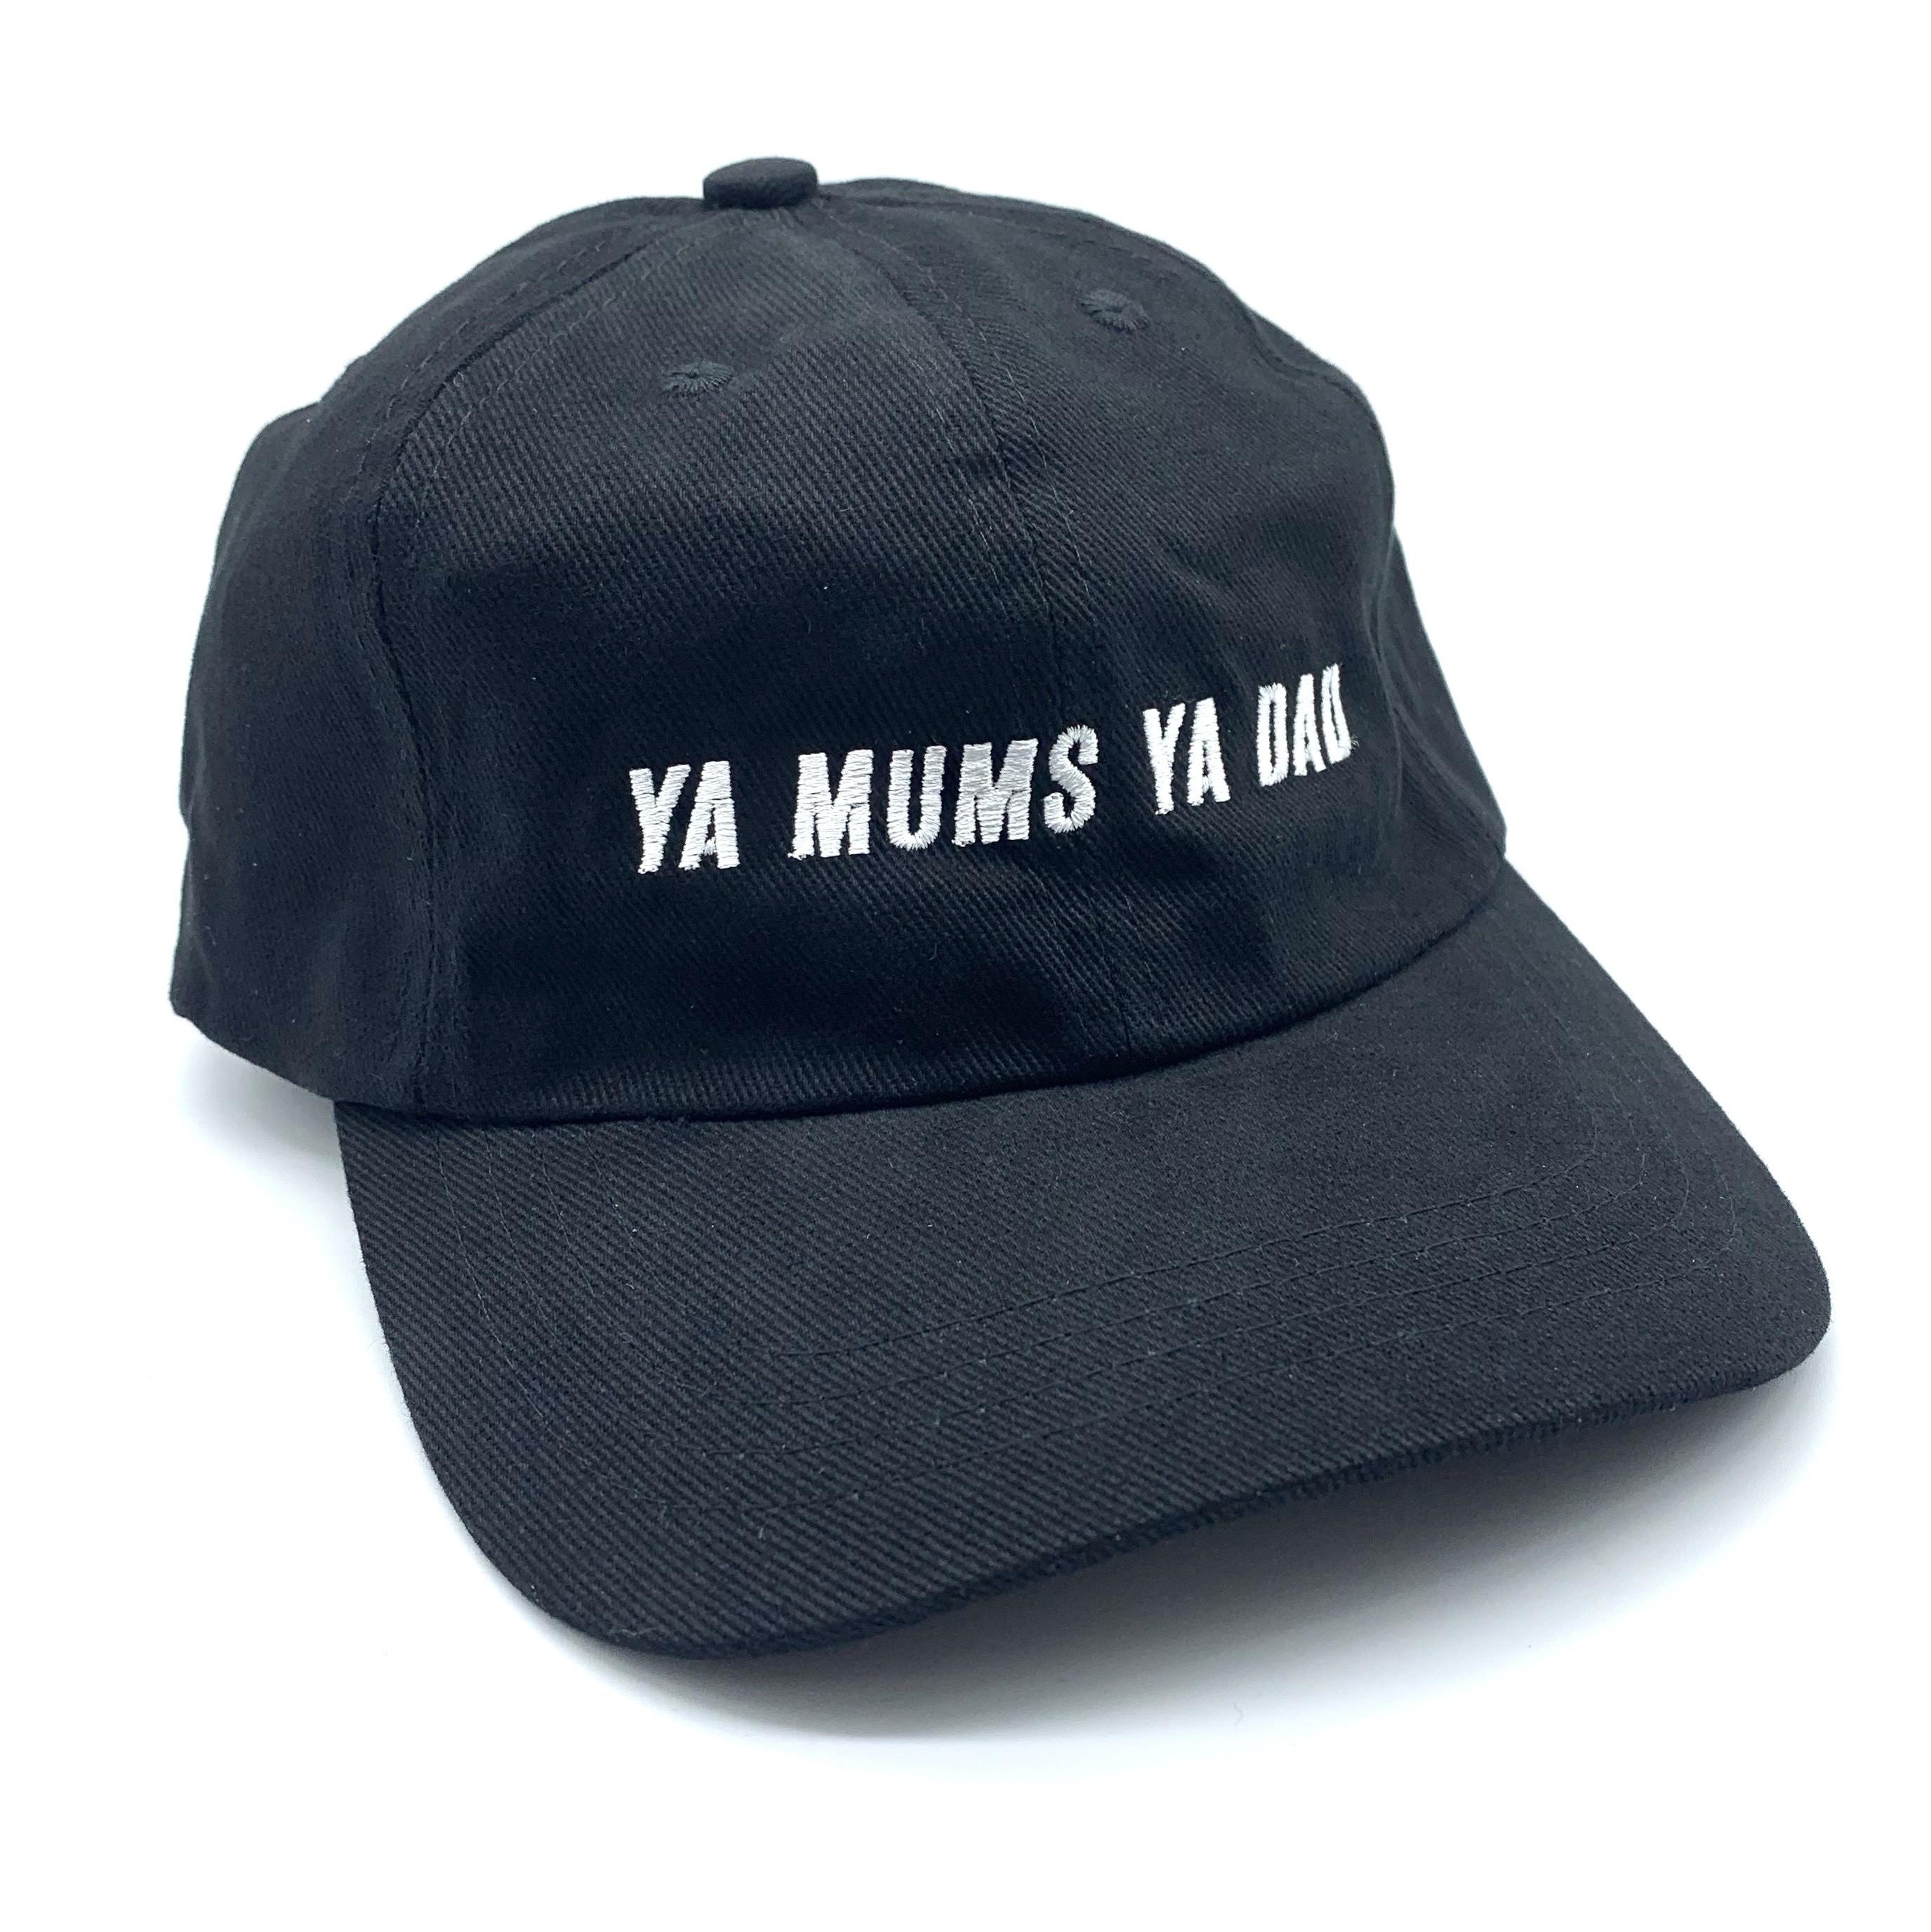 YA MUMS YA DAD BLACK DAD HAT